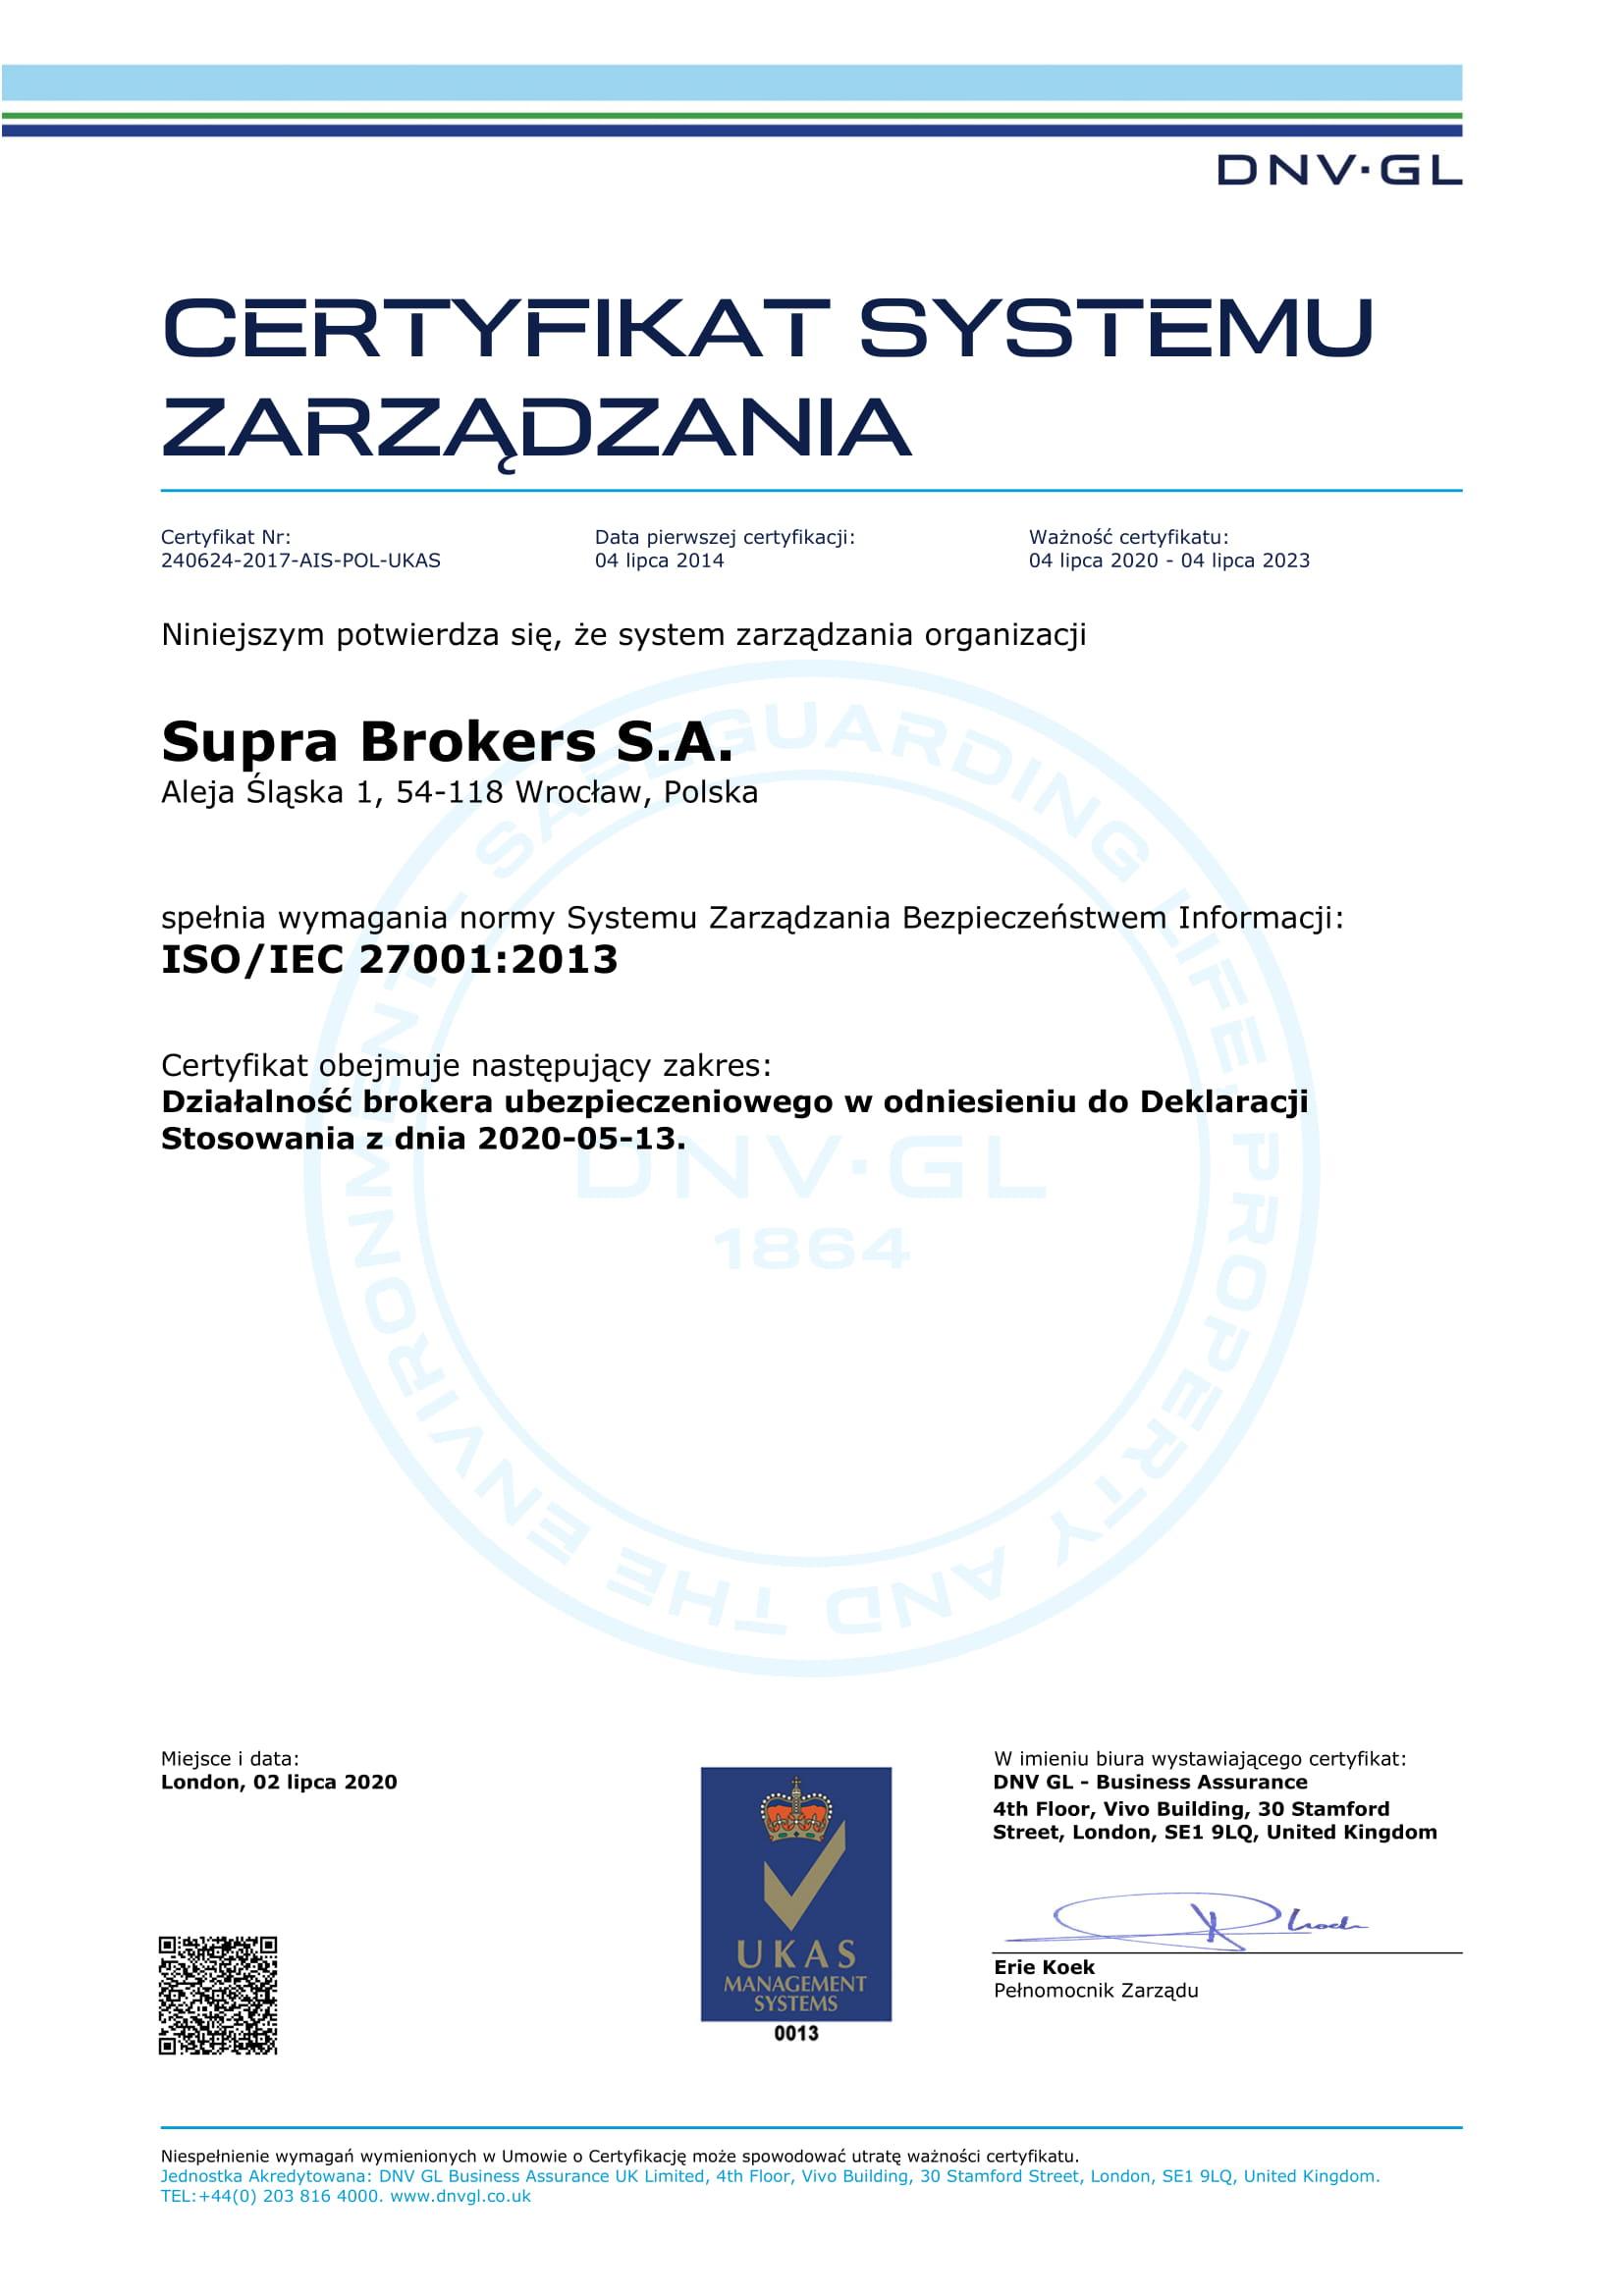 1. REV1 240624-2017-AIS-POL-UKAS PL - 20200702 - 1593771430752-1